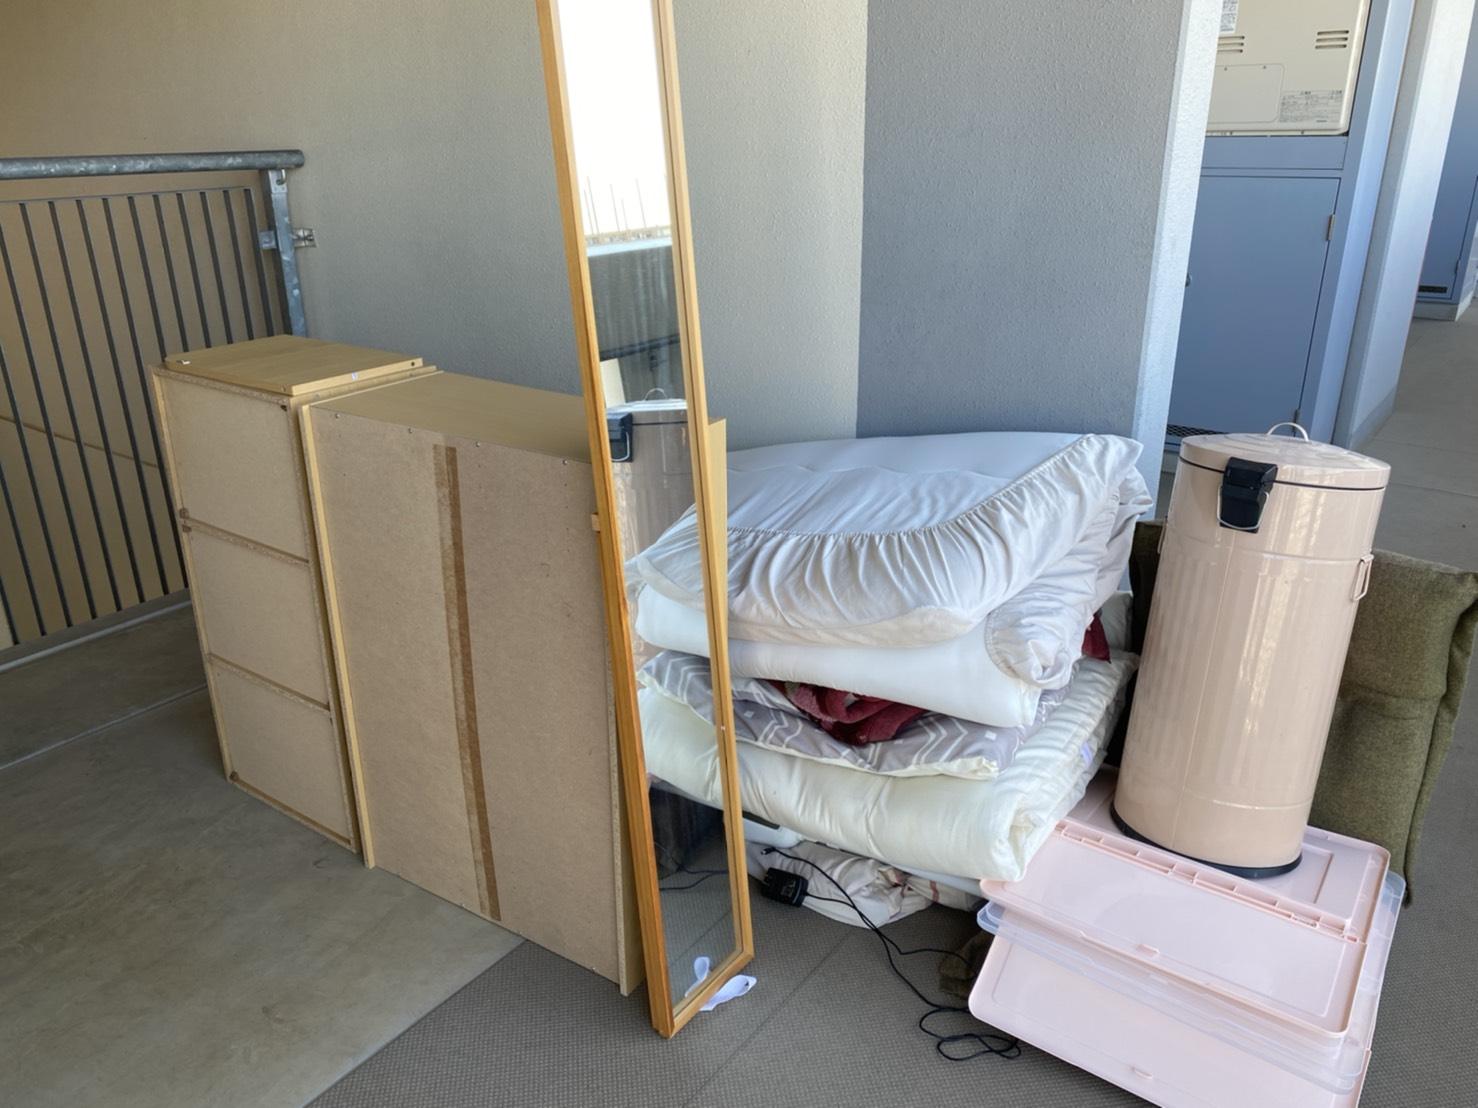 カラーボックス、布団、全身鏡、ゴミ箱、リクライニングチェアの回収前